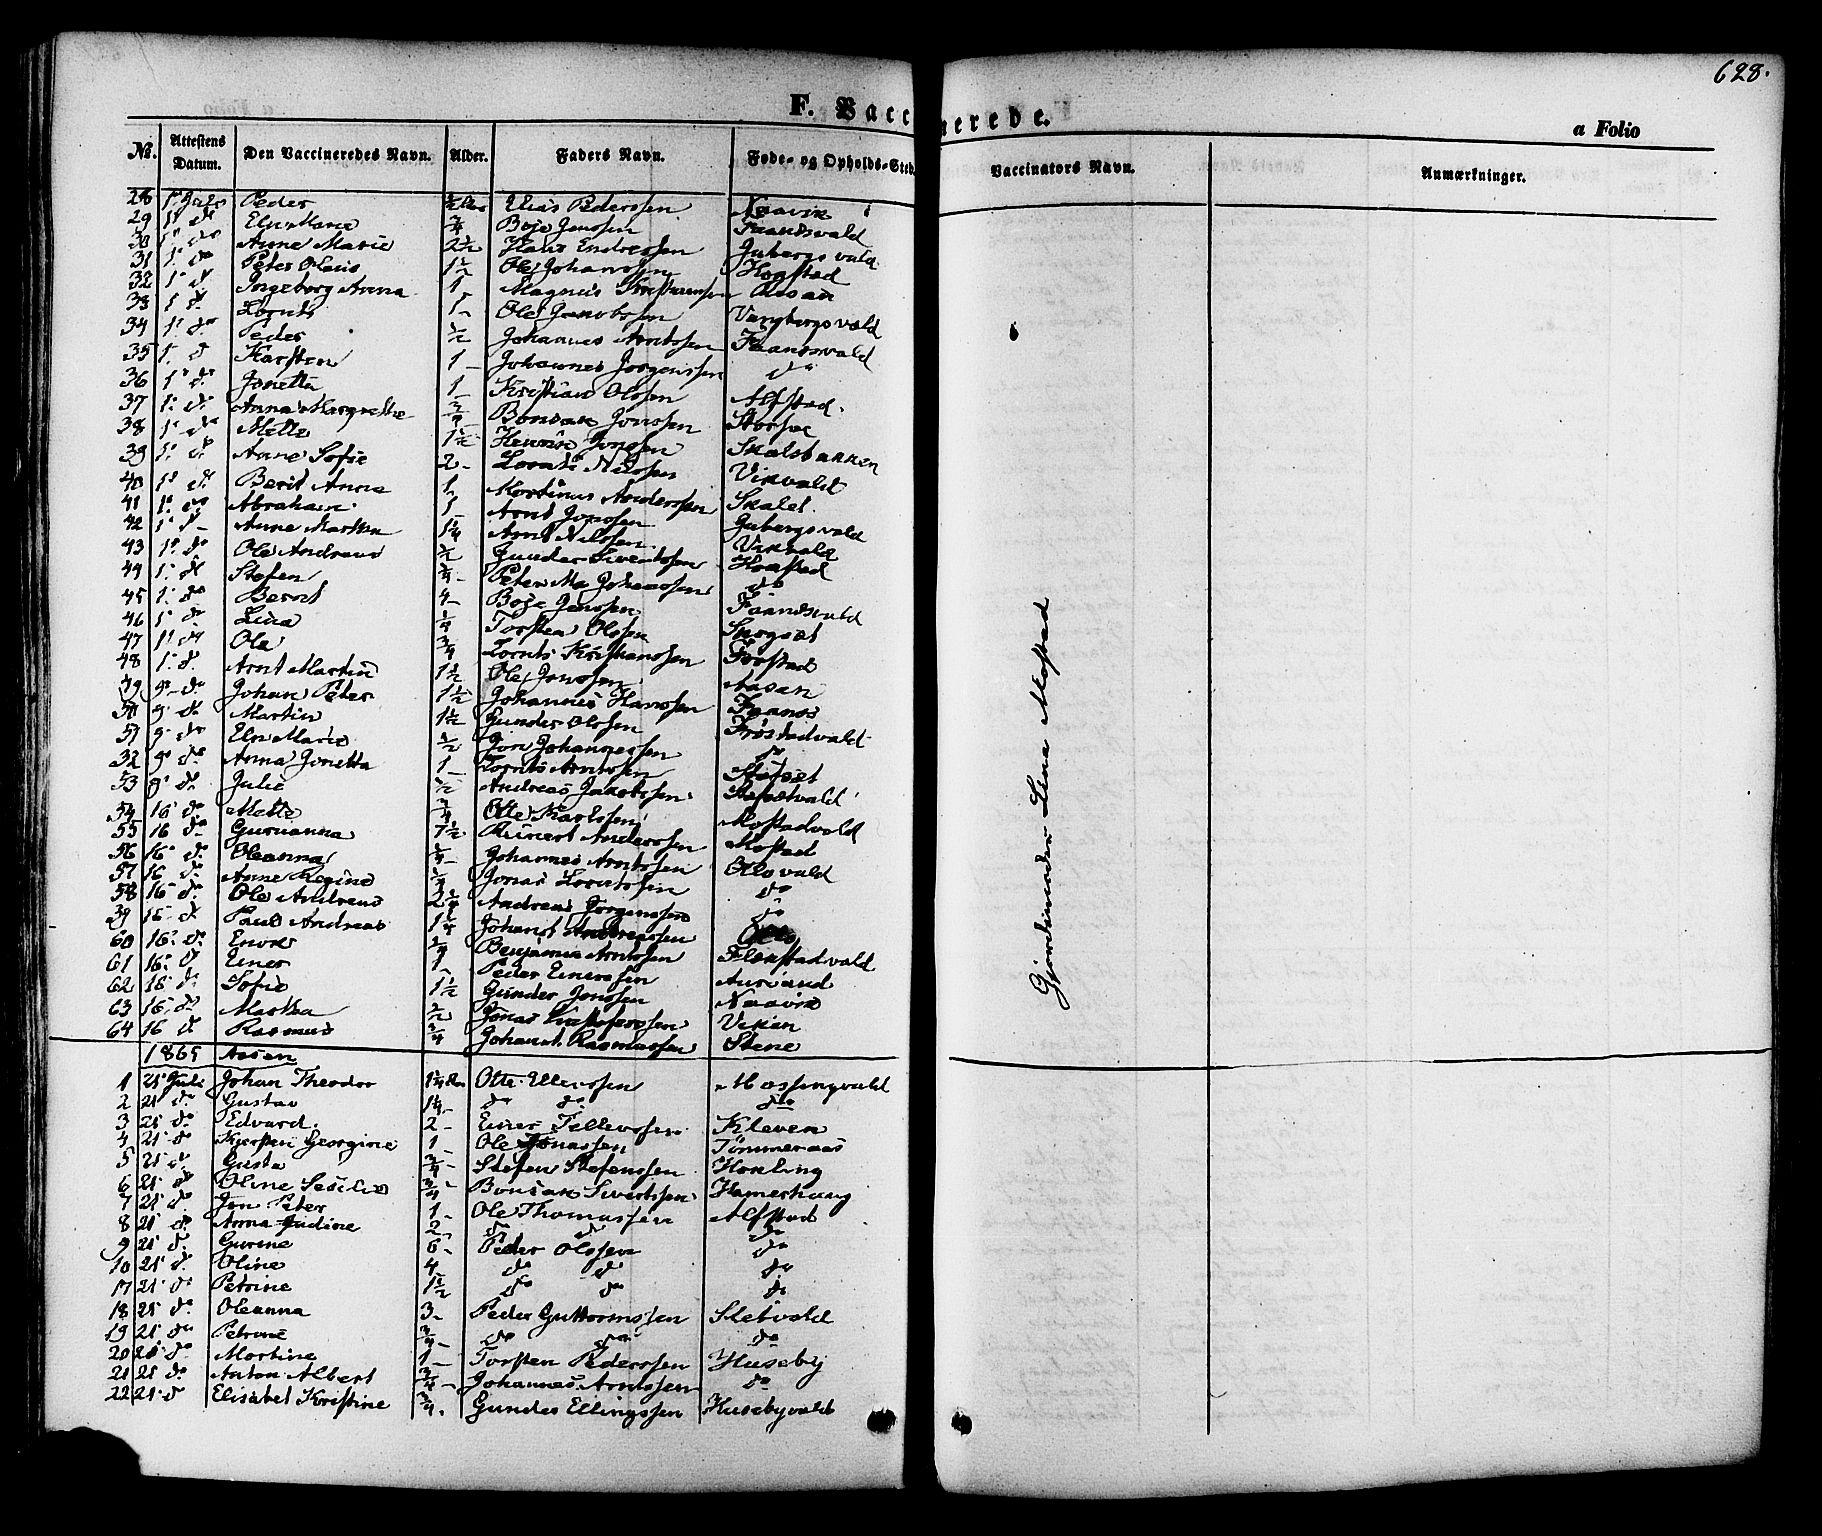 SAT, Ministerialprotokoller, klokkerbøker og fødselsregistre - Nord-Trøndelag, 713/L0116: Ministerialbok nr. 713A07 /1, 1850-1877, s. 628